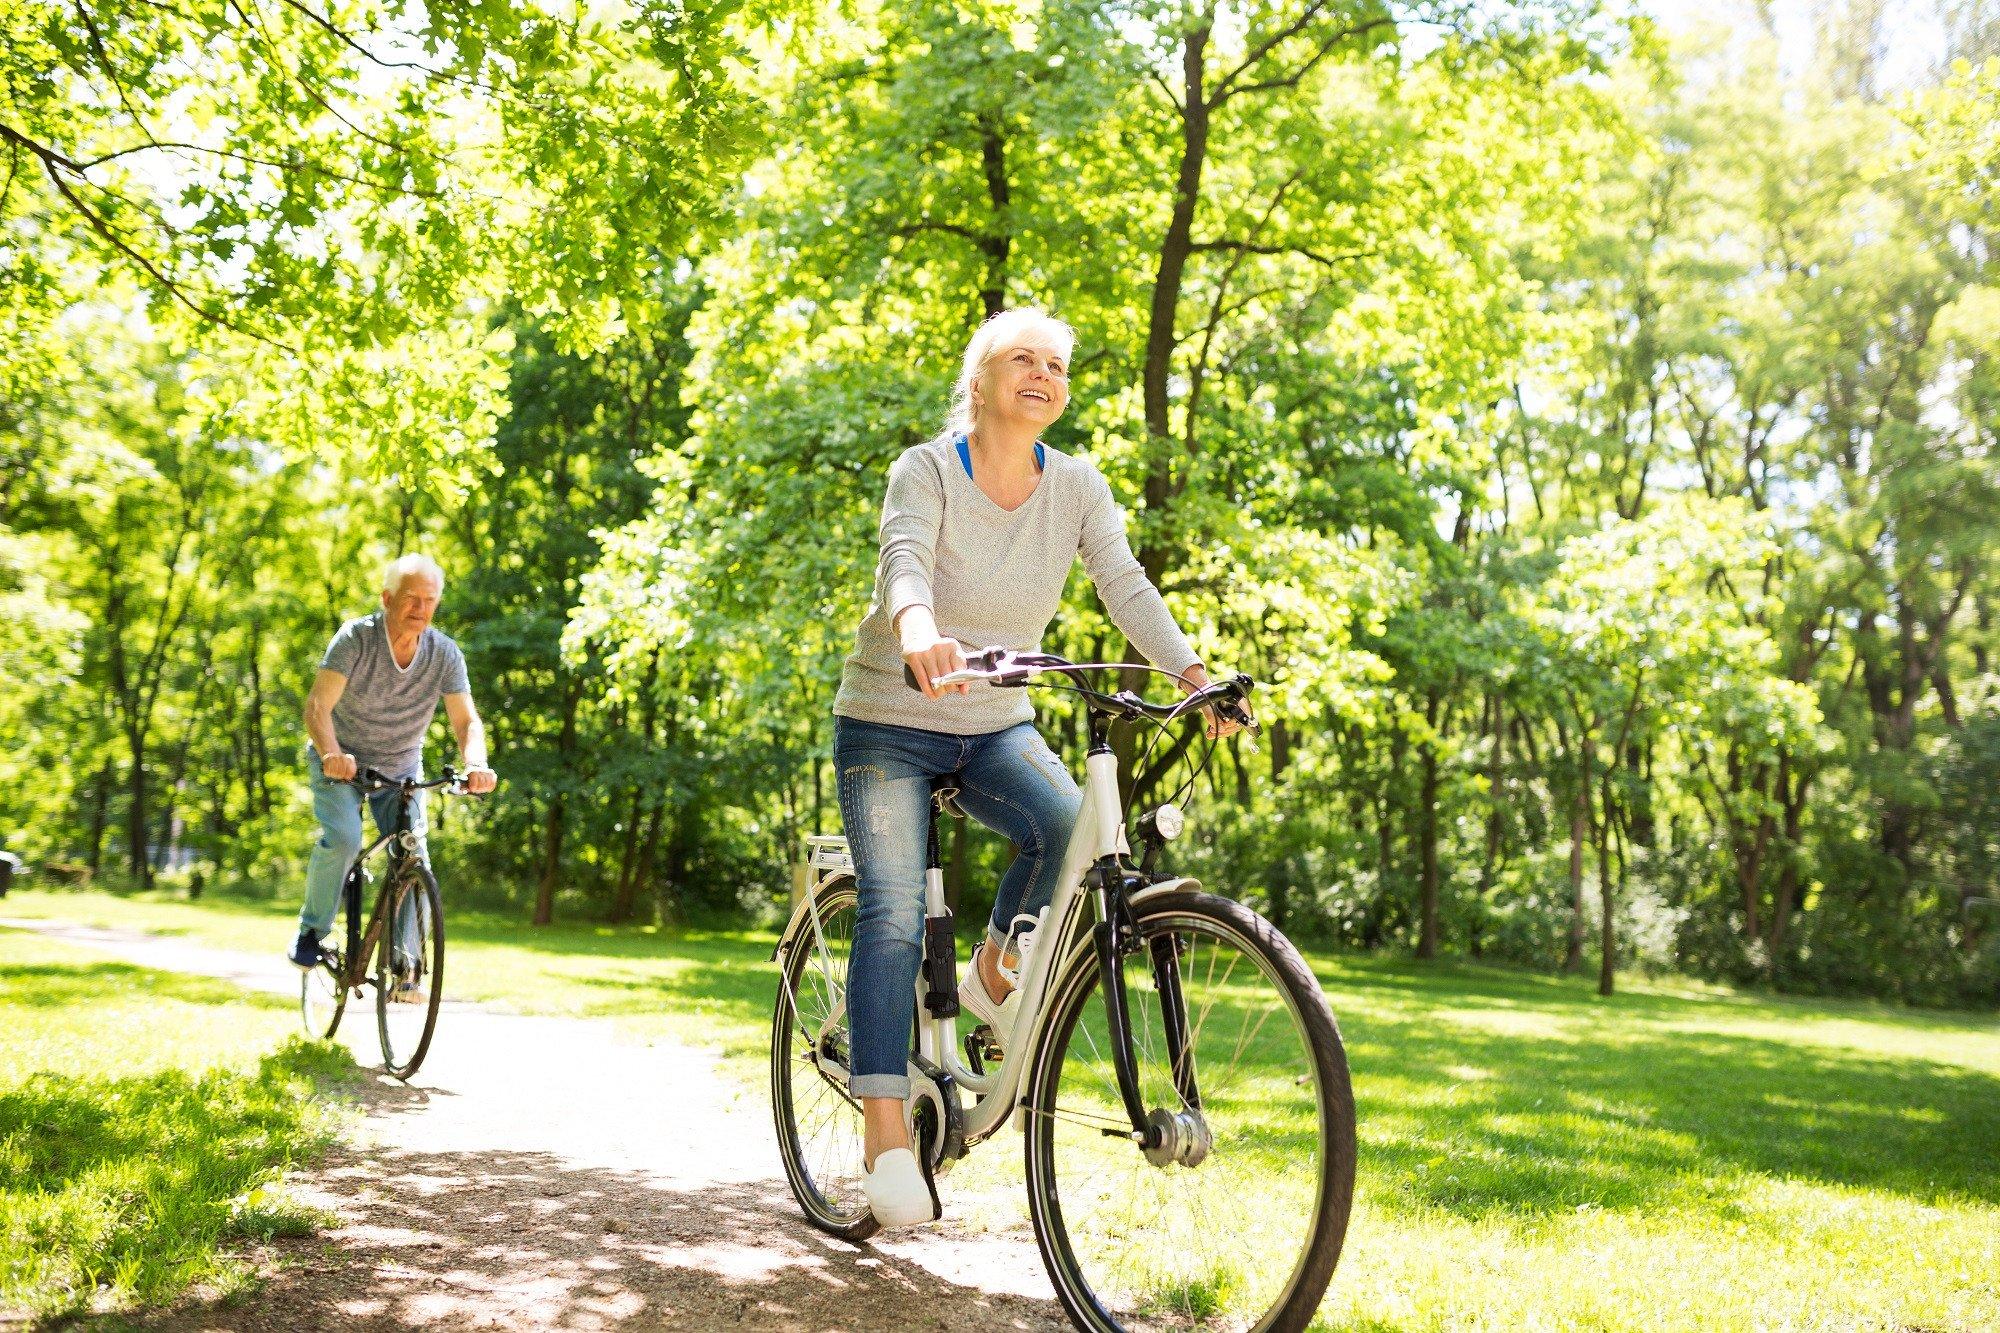 Dagaanbieding - 3 of 5-daags fietsvakantie in het gastvrije Drenthe nabij Emmen incl. ontbijt en 3-gangendiner dagelijkse koopjes